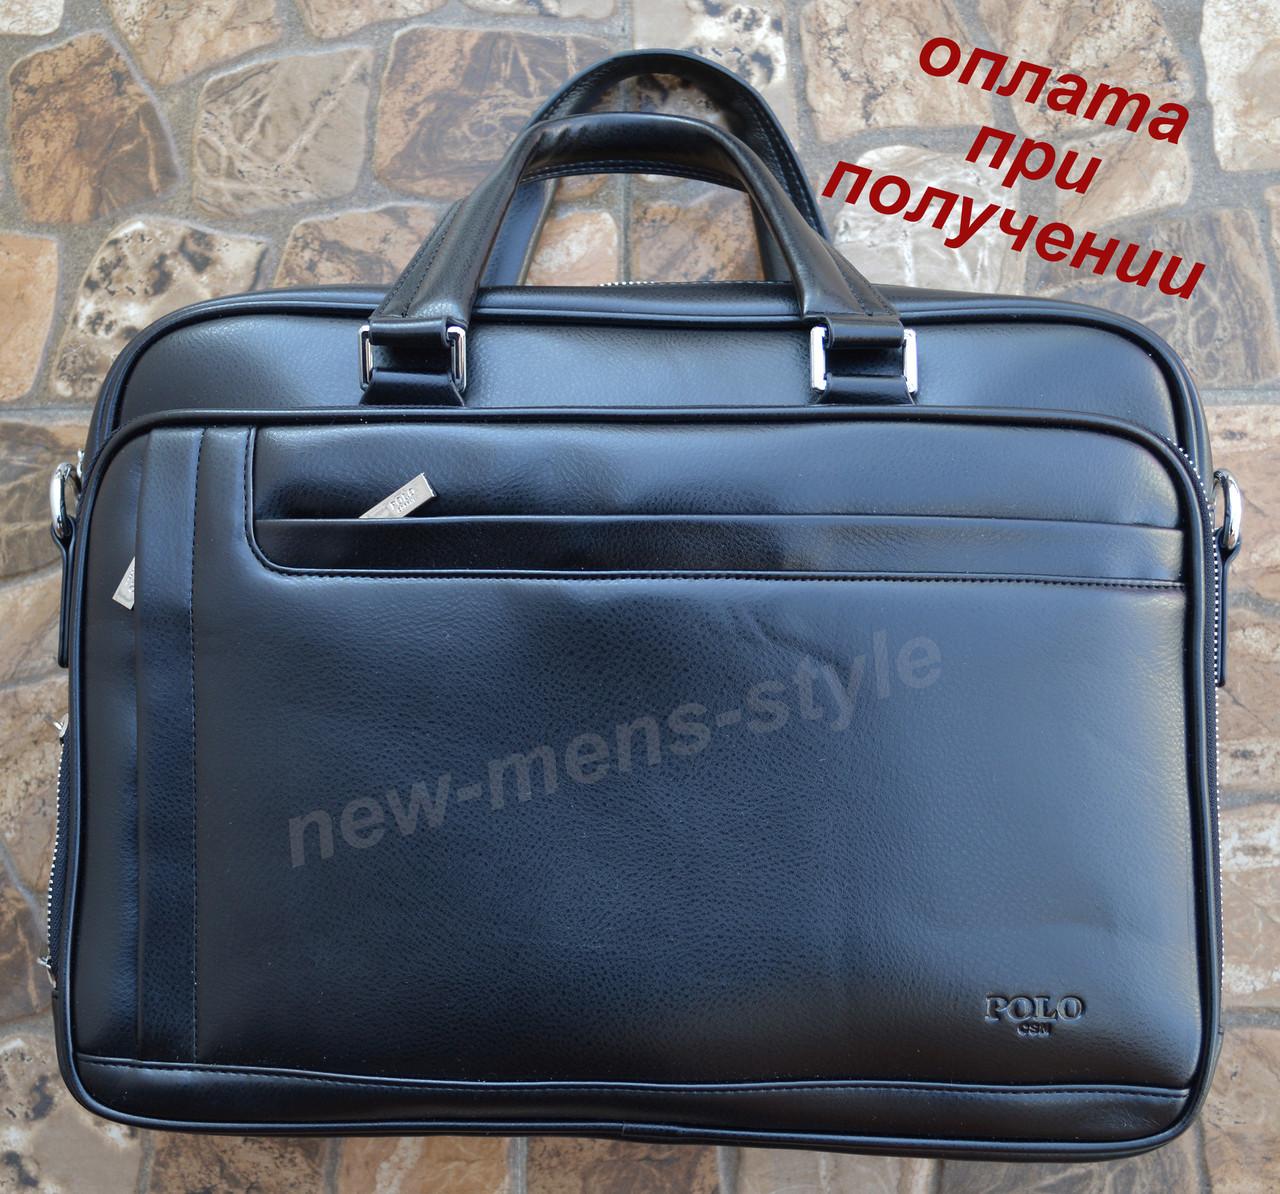 2b05bc404582 Мужская кожаная фирменная деловая сумка портфель Polo для документов